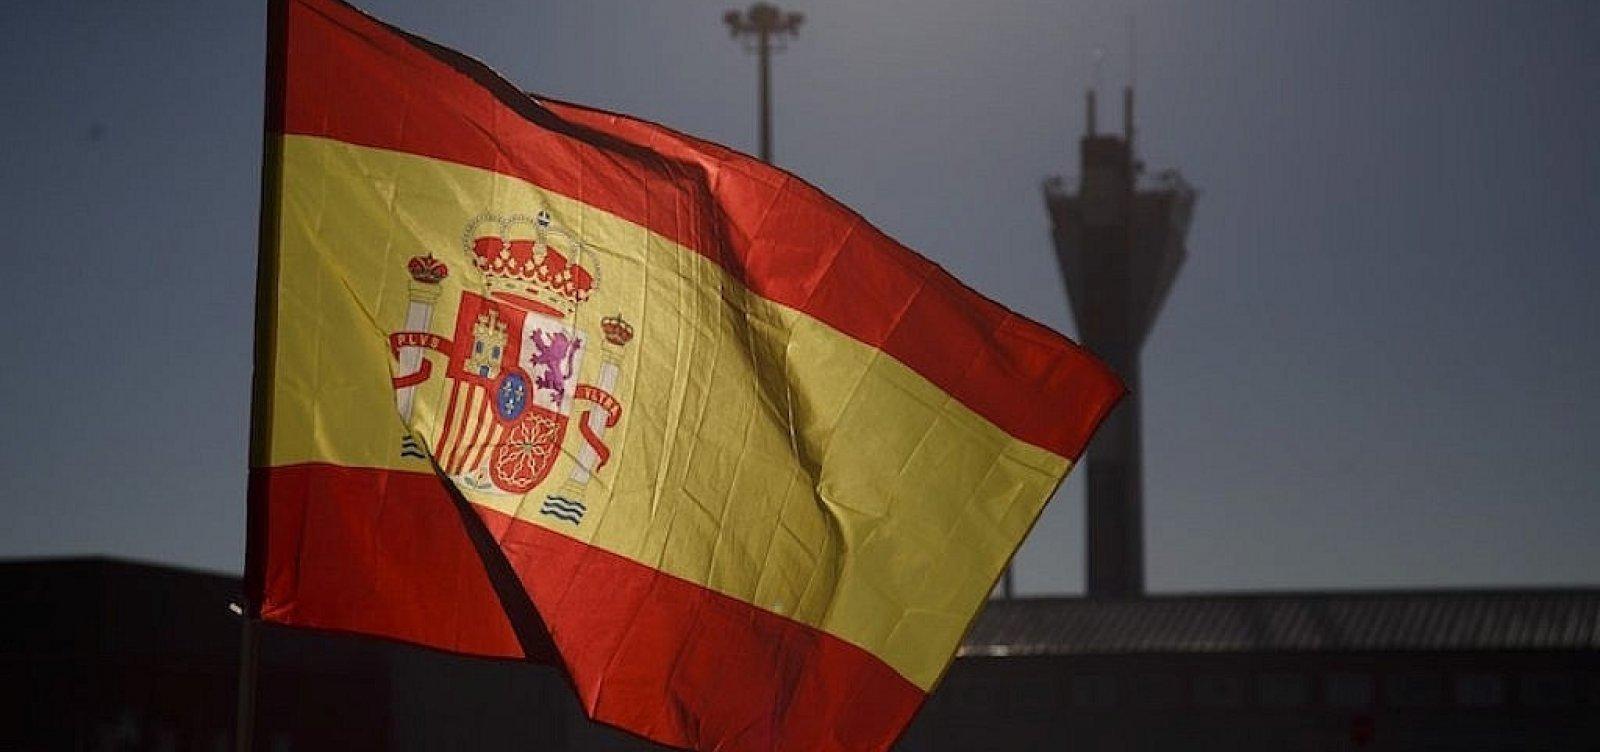 [Após o país atingir 1 milhão de casos de covid-19, governo espanhol decreta estado de alarme ]